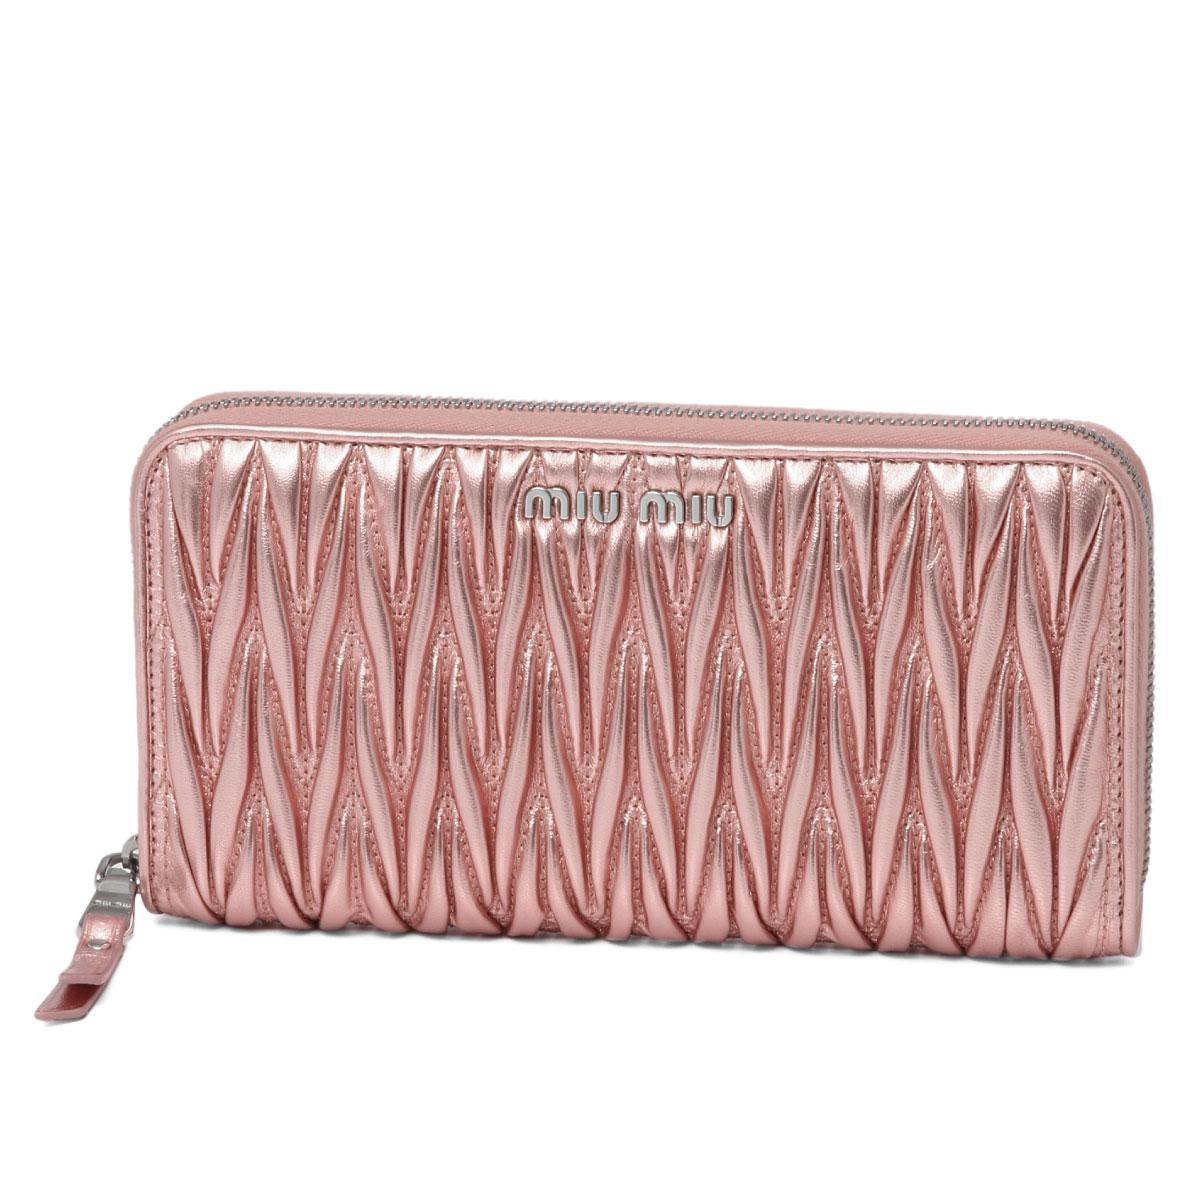 ミュウ ミュウ MIU MIU 財布 レディース 5ML506 N88 F0XDS ラウンドファスナー長財布 MATELASSE ROSA MORDORE ピンク